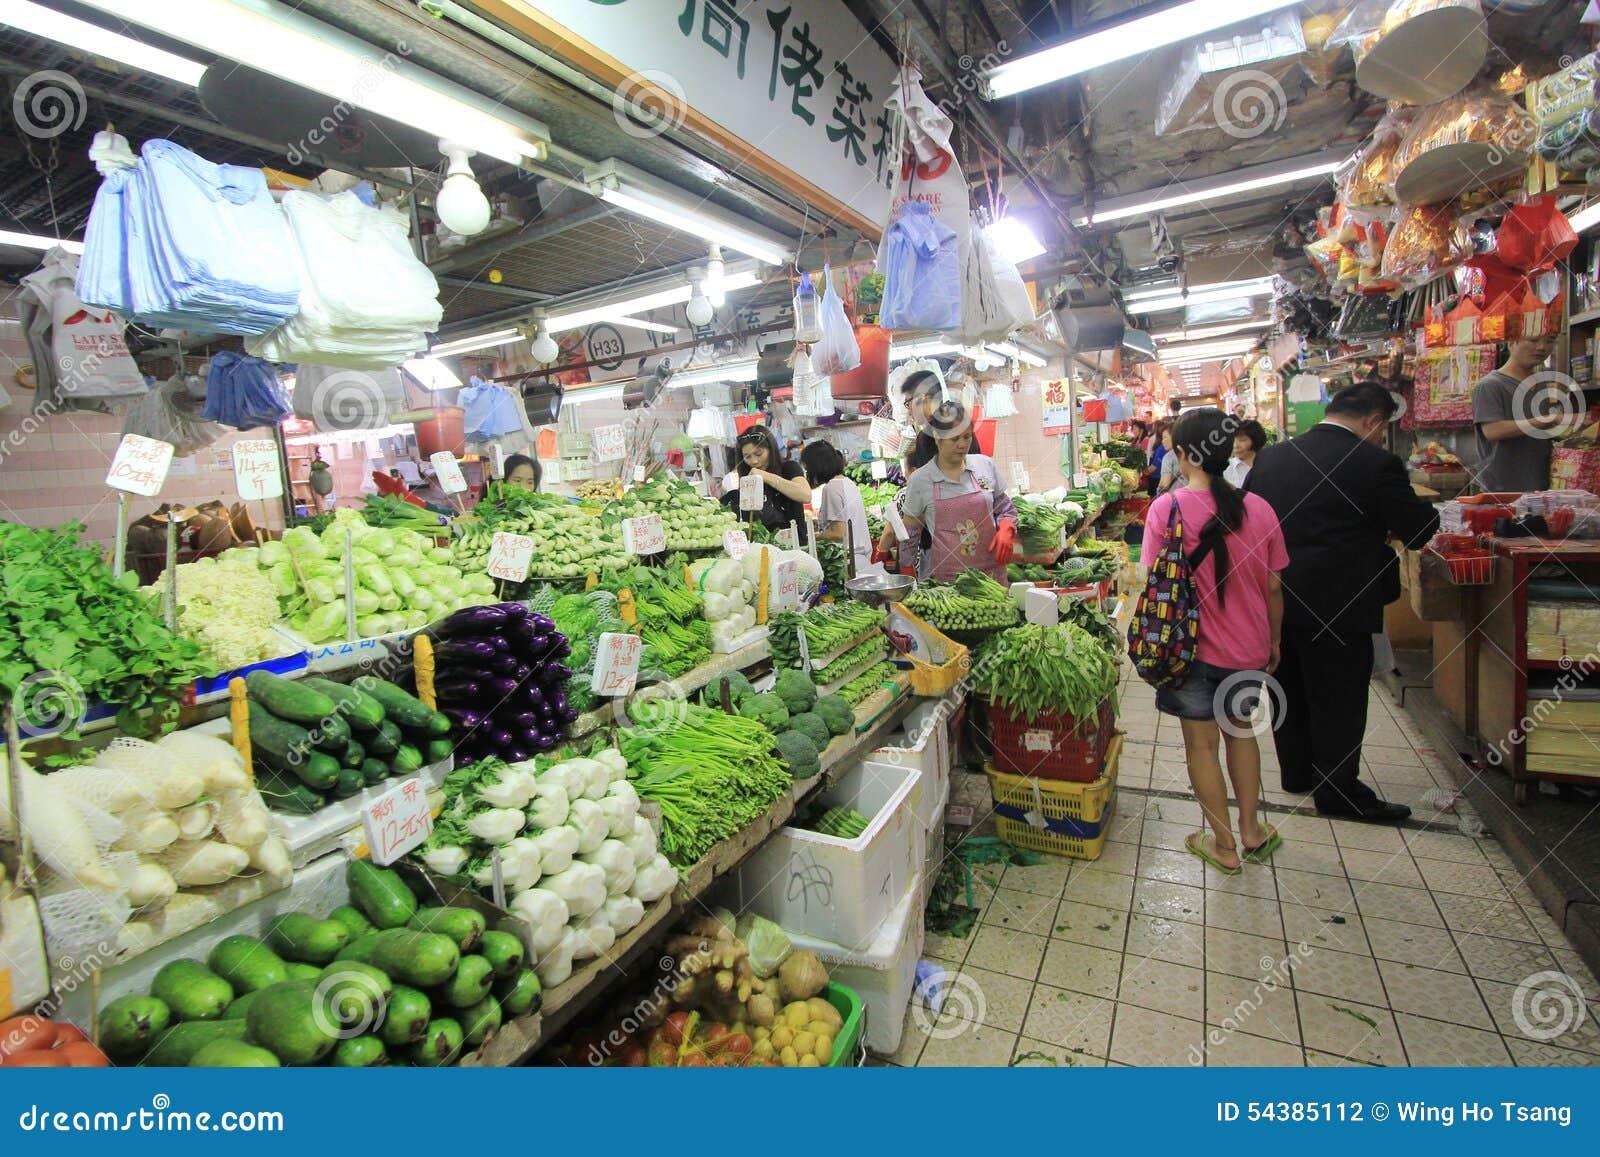 Traditional Hong Kong Fresh Food Market Located In Hau Tak Chinese Market Tseung Kwan O Hong Kong